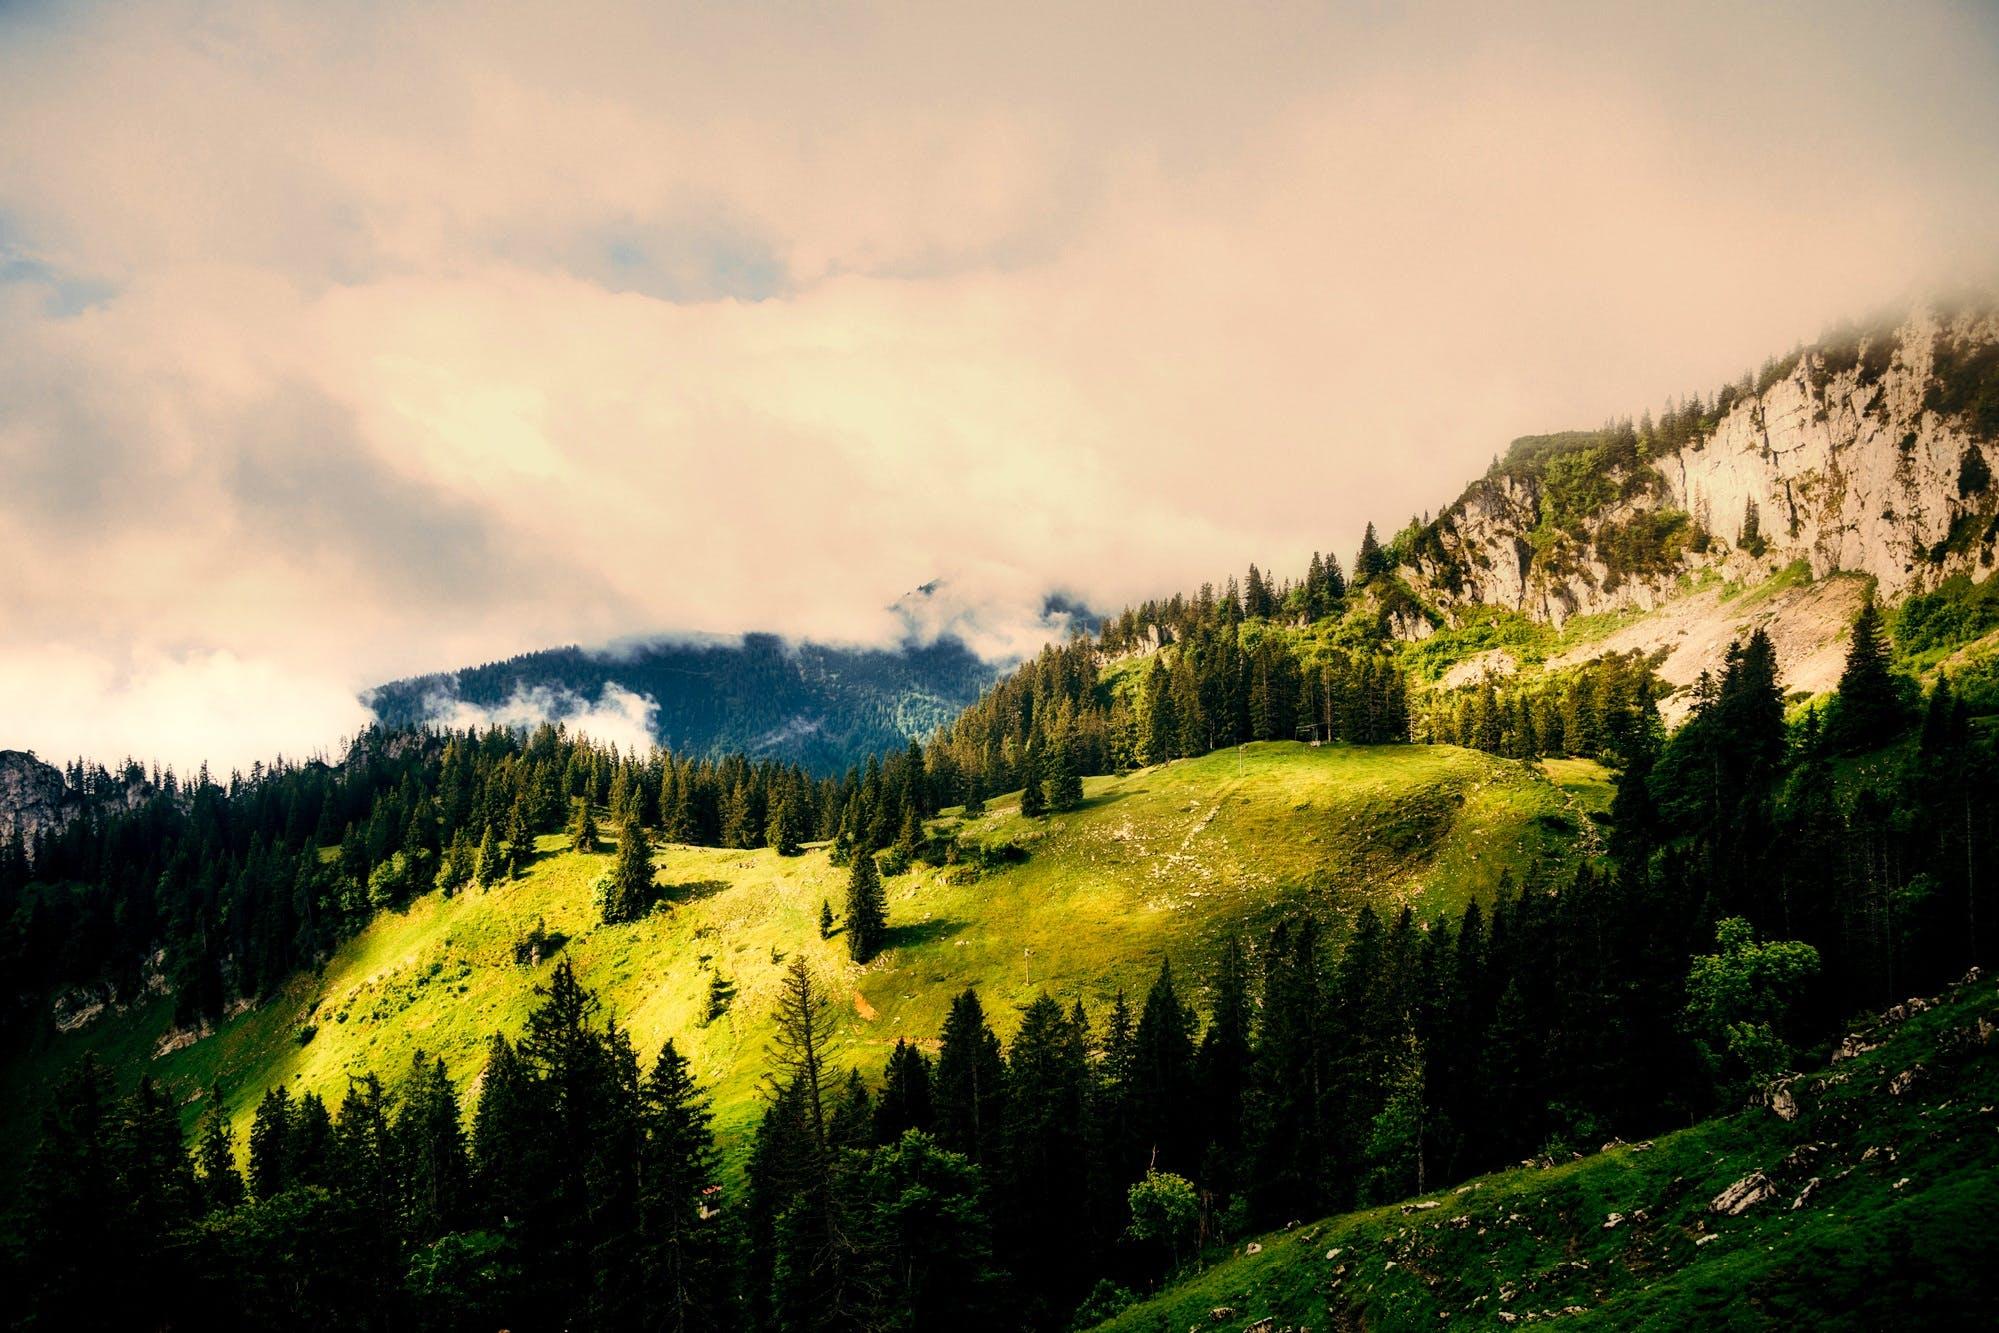 Kostenloses Stock Foto zu bäume, berg, dämmerung, deutschland